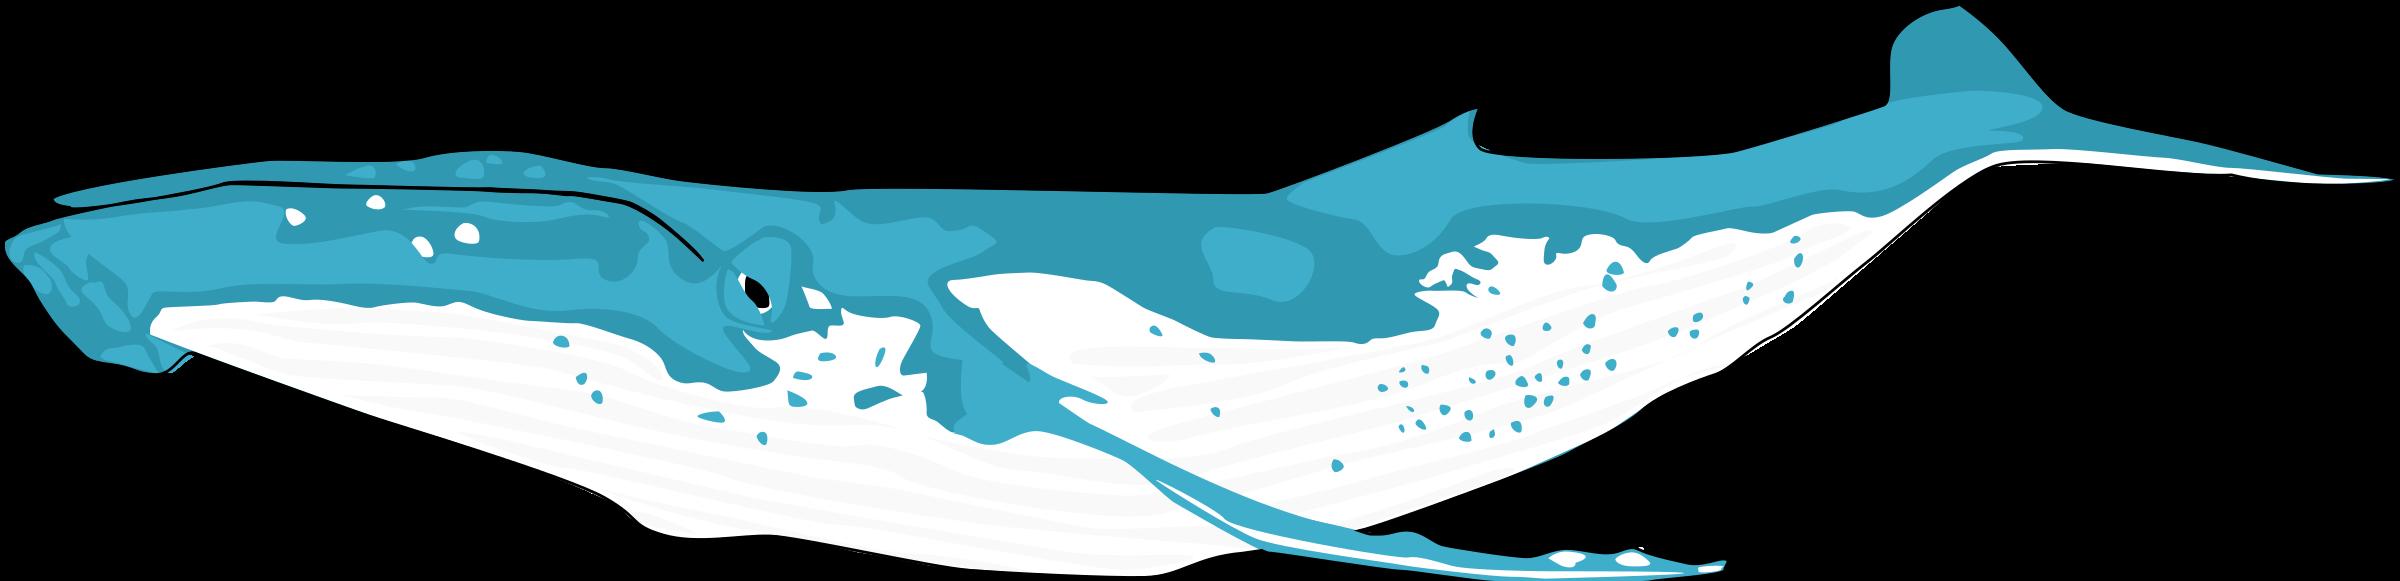 humpback whale by ha1flosse